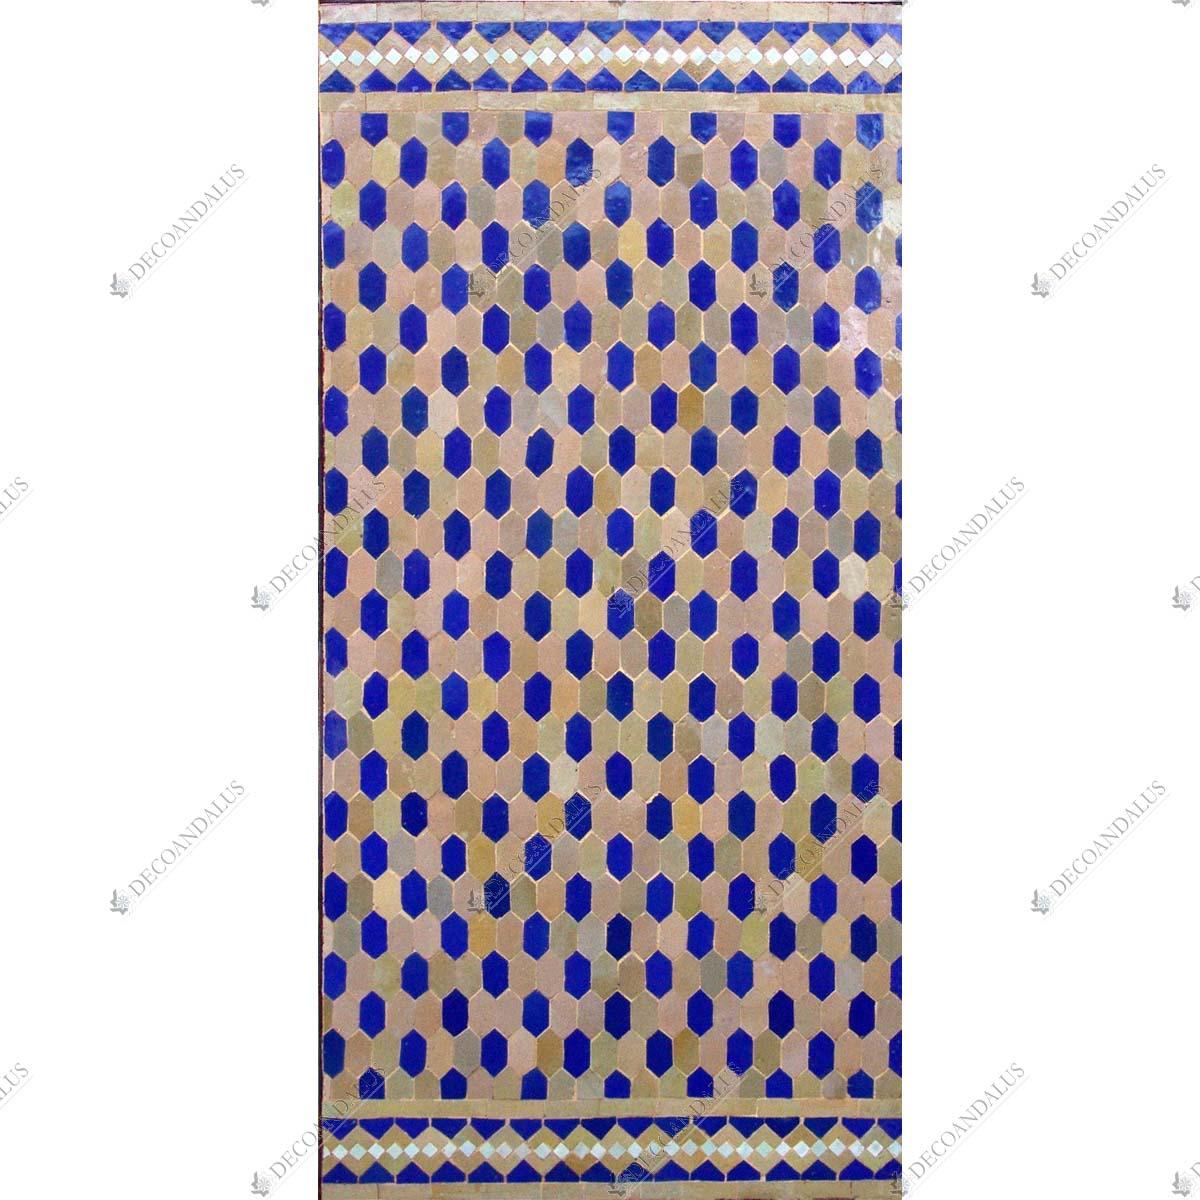 Panel de Mosaico AR.FO.18